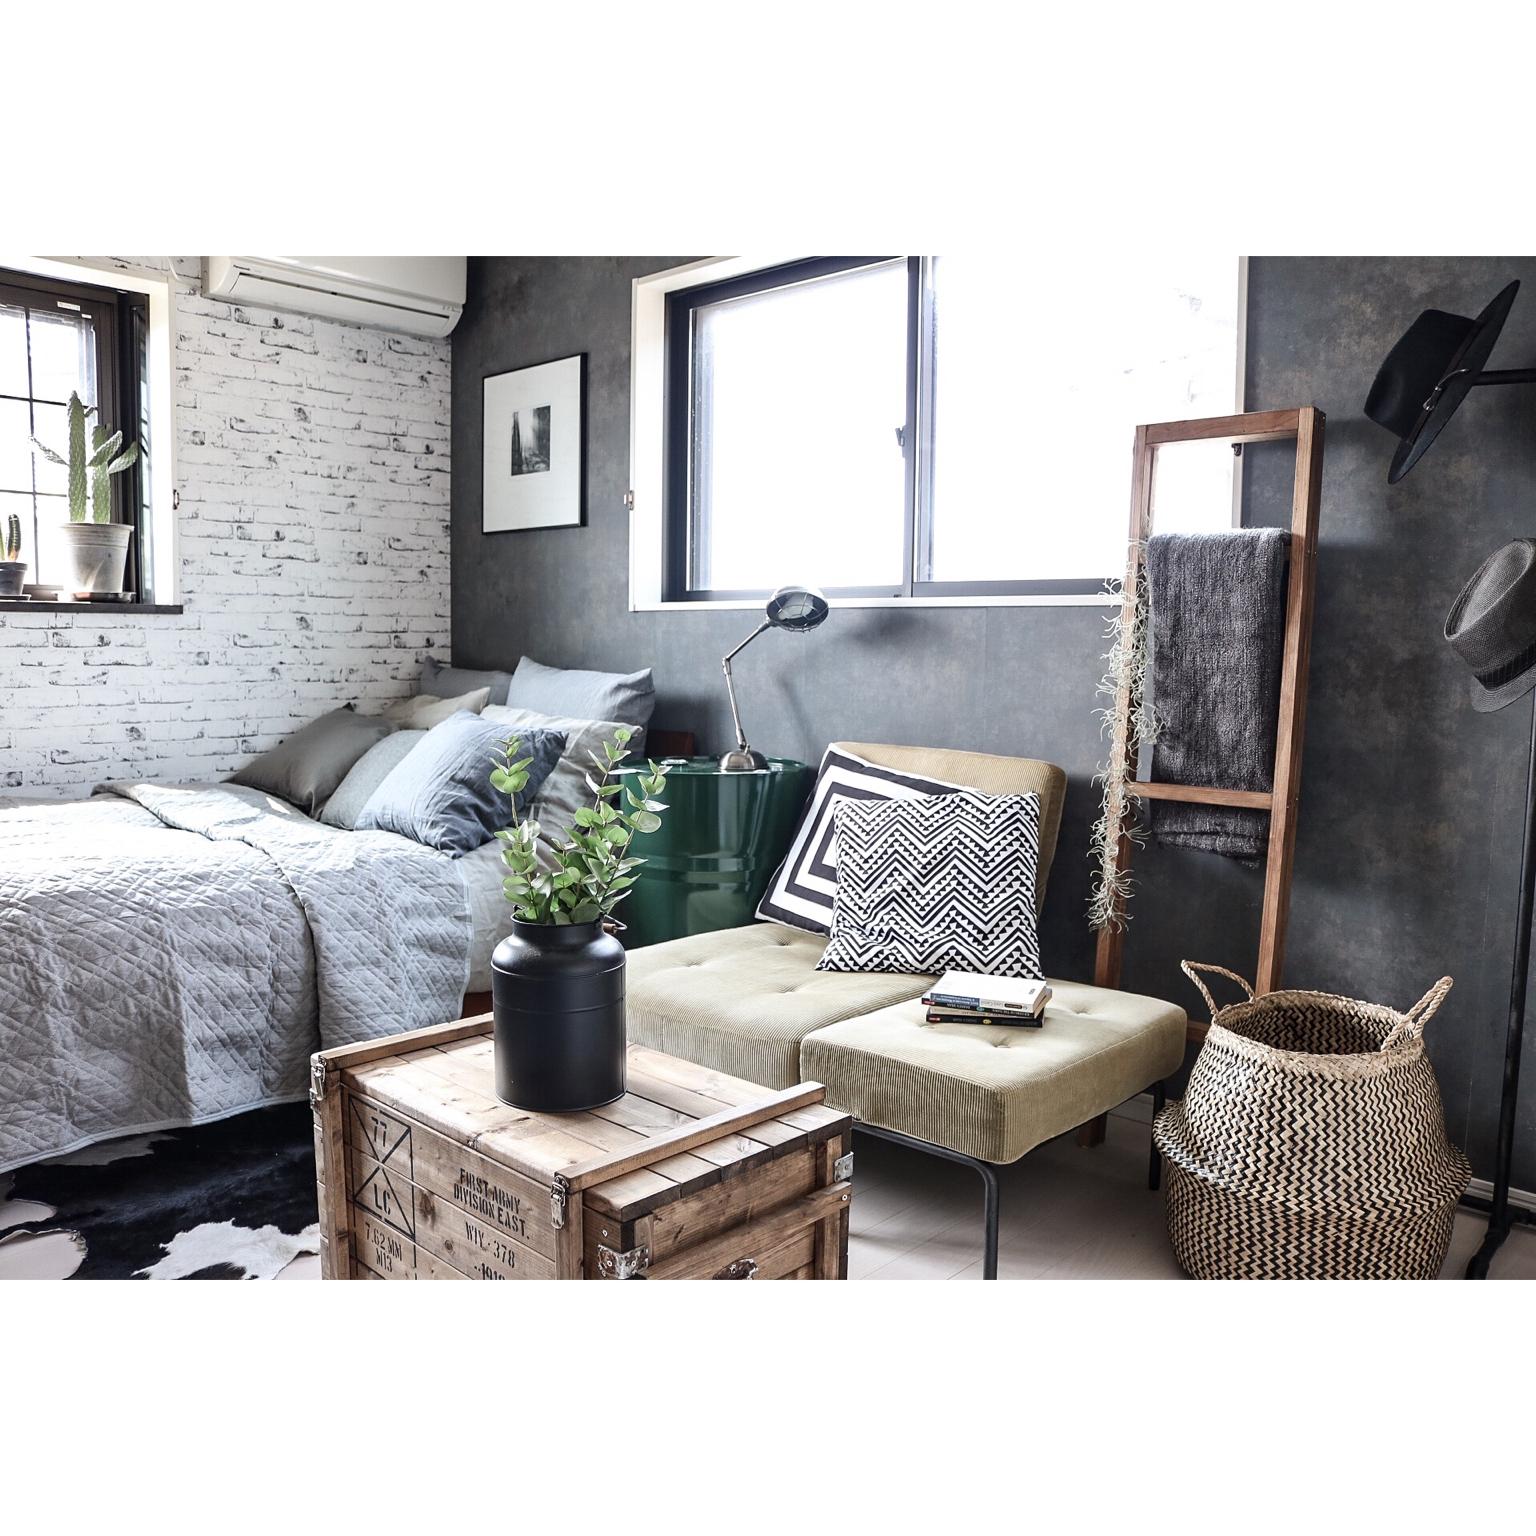 グレイッシュなカラーコーディネートで作るおしゃれなお部屋♪ | RoomClip mag | 暮らしとインテリアのwebマガジン